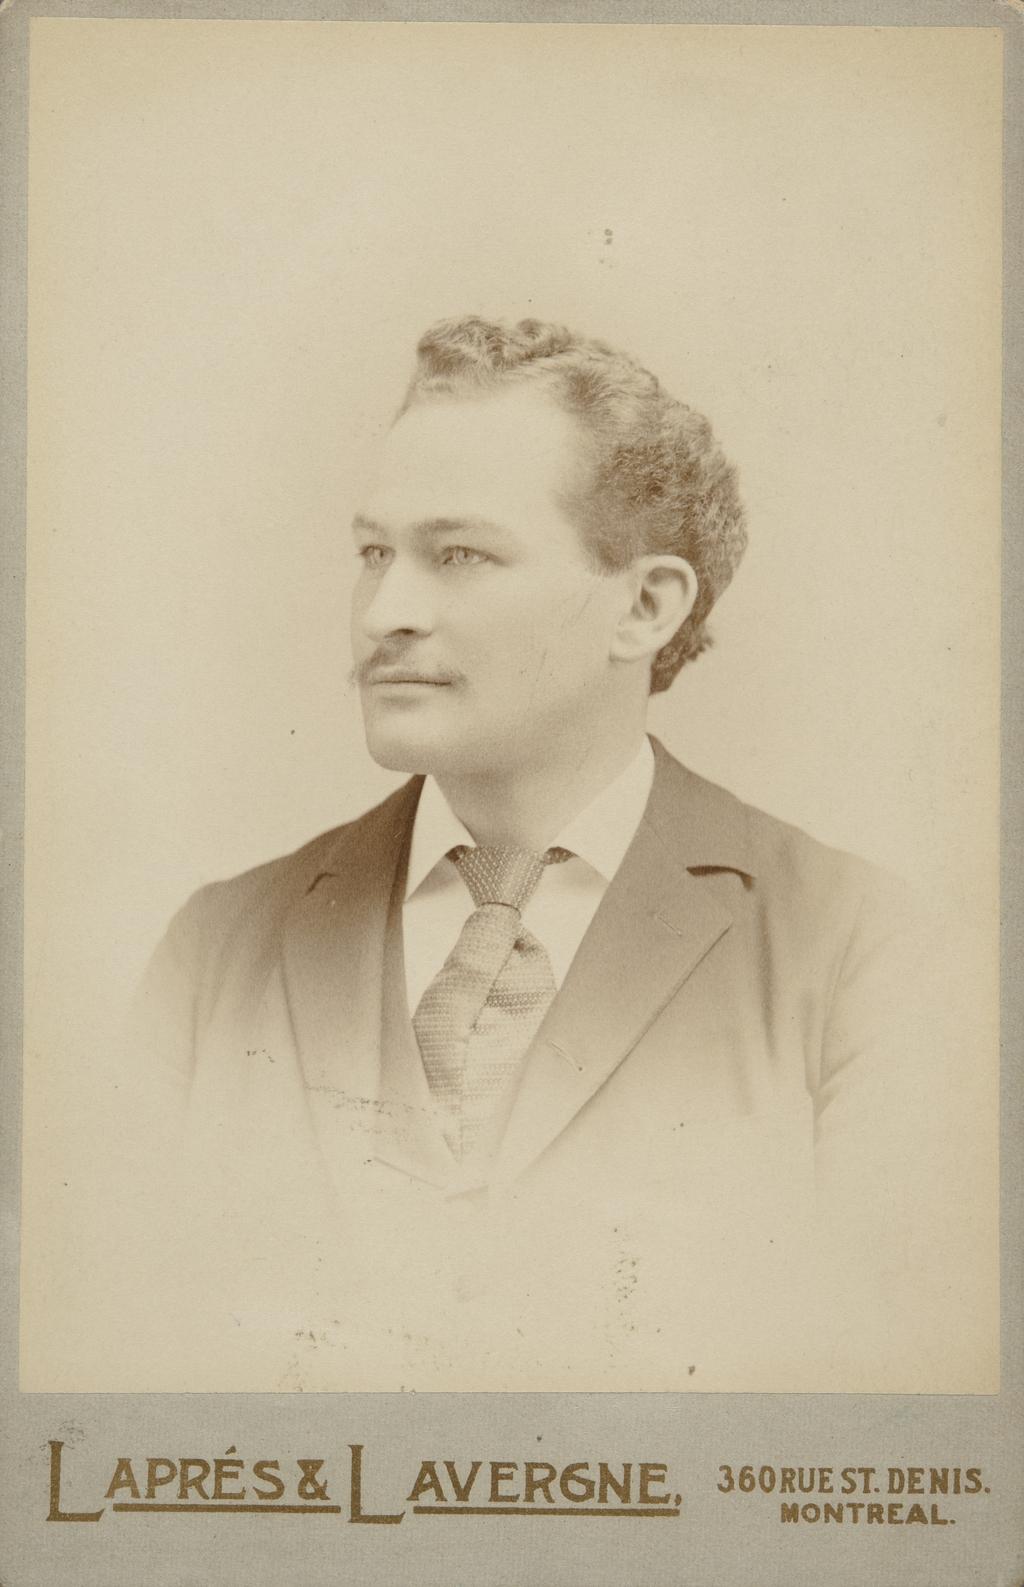 Joseph-Napoléon Laprés